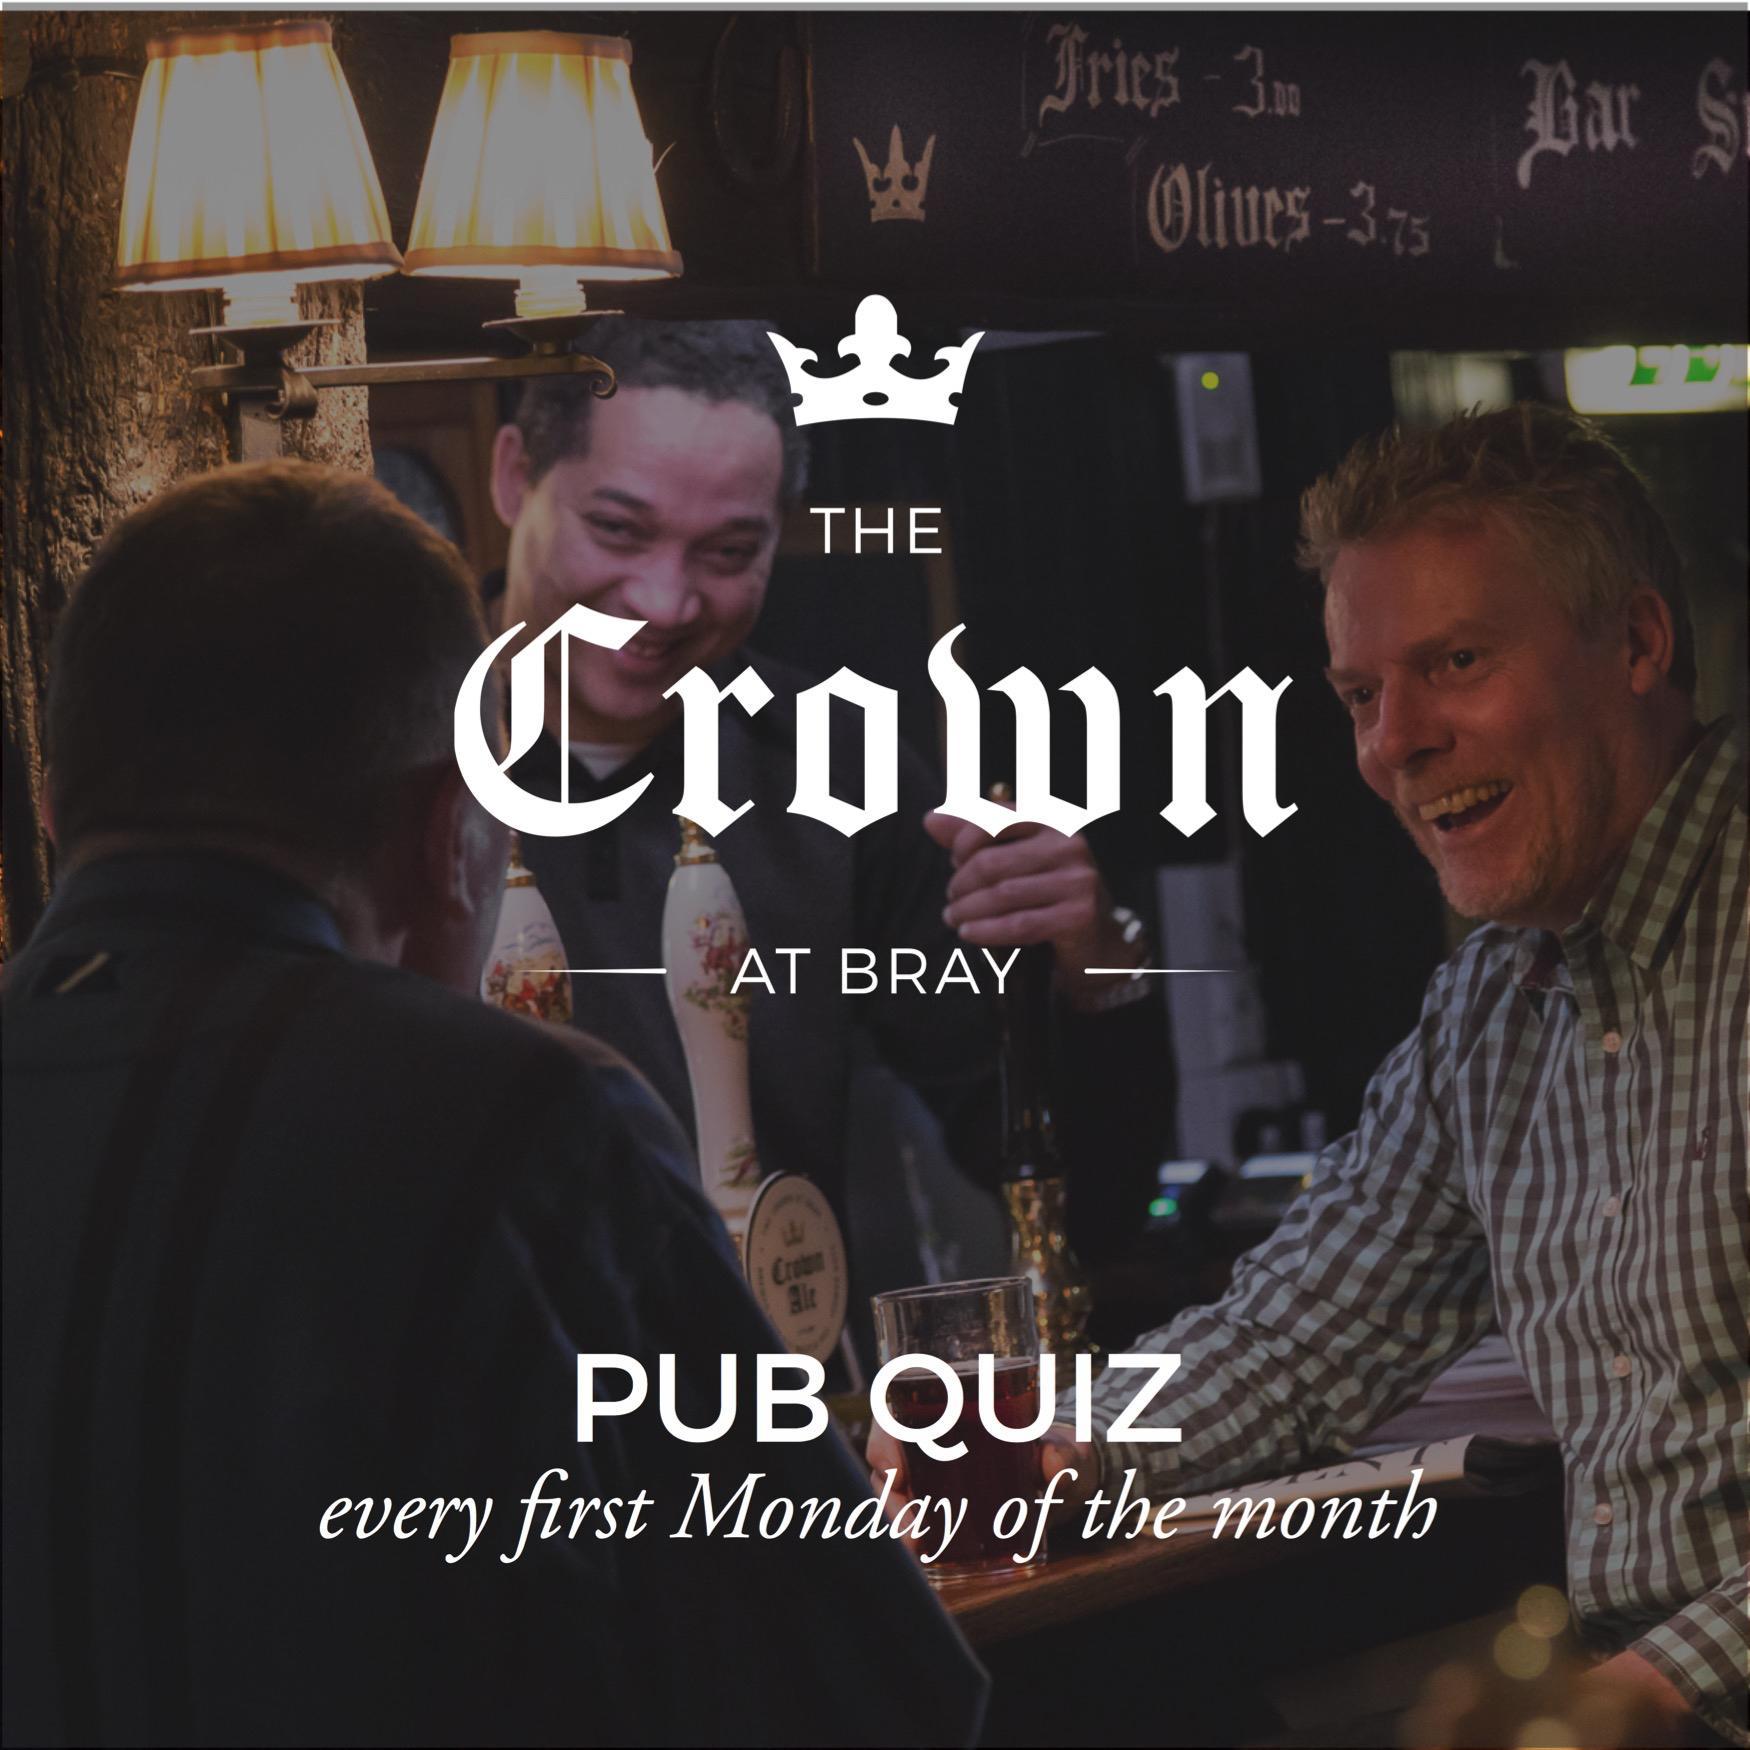 Pub Quiz The Crown at Bray